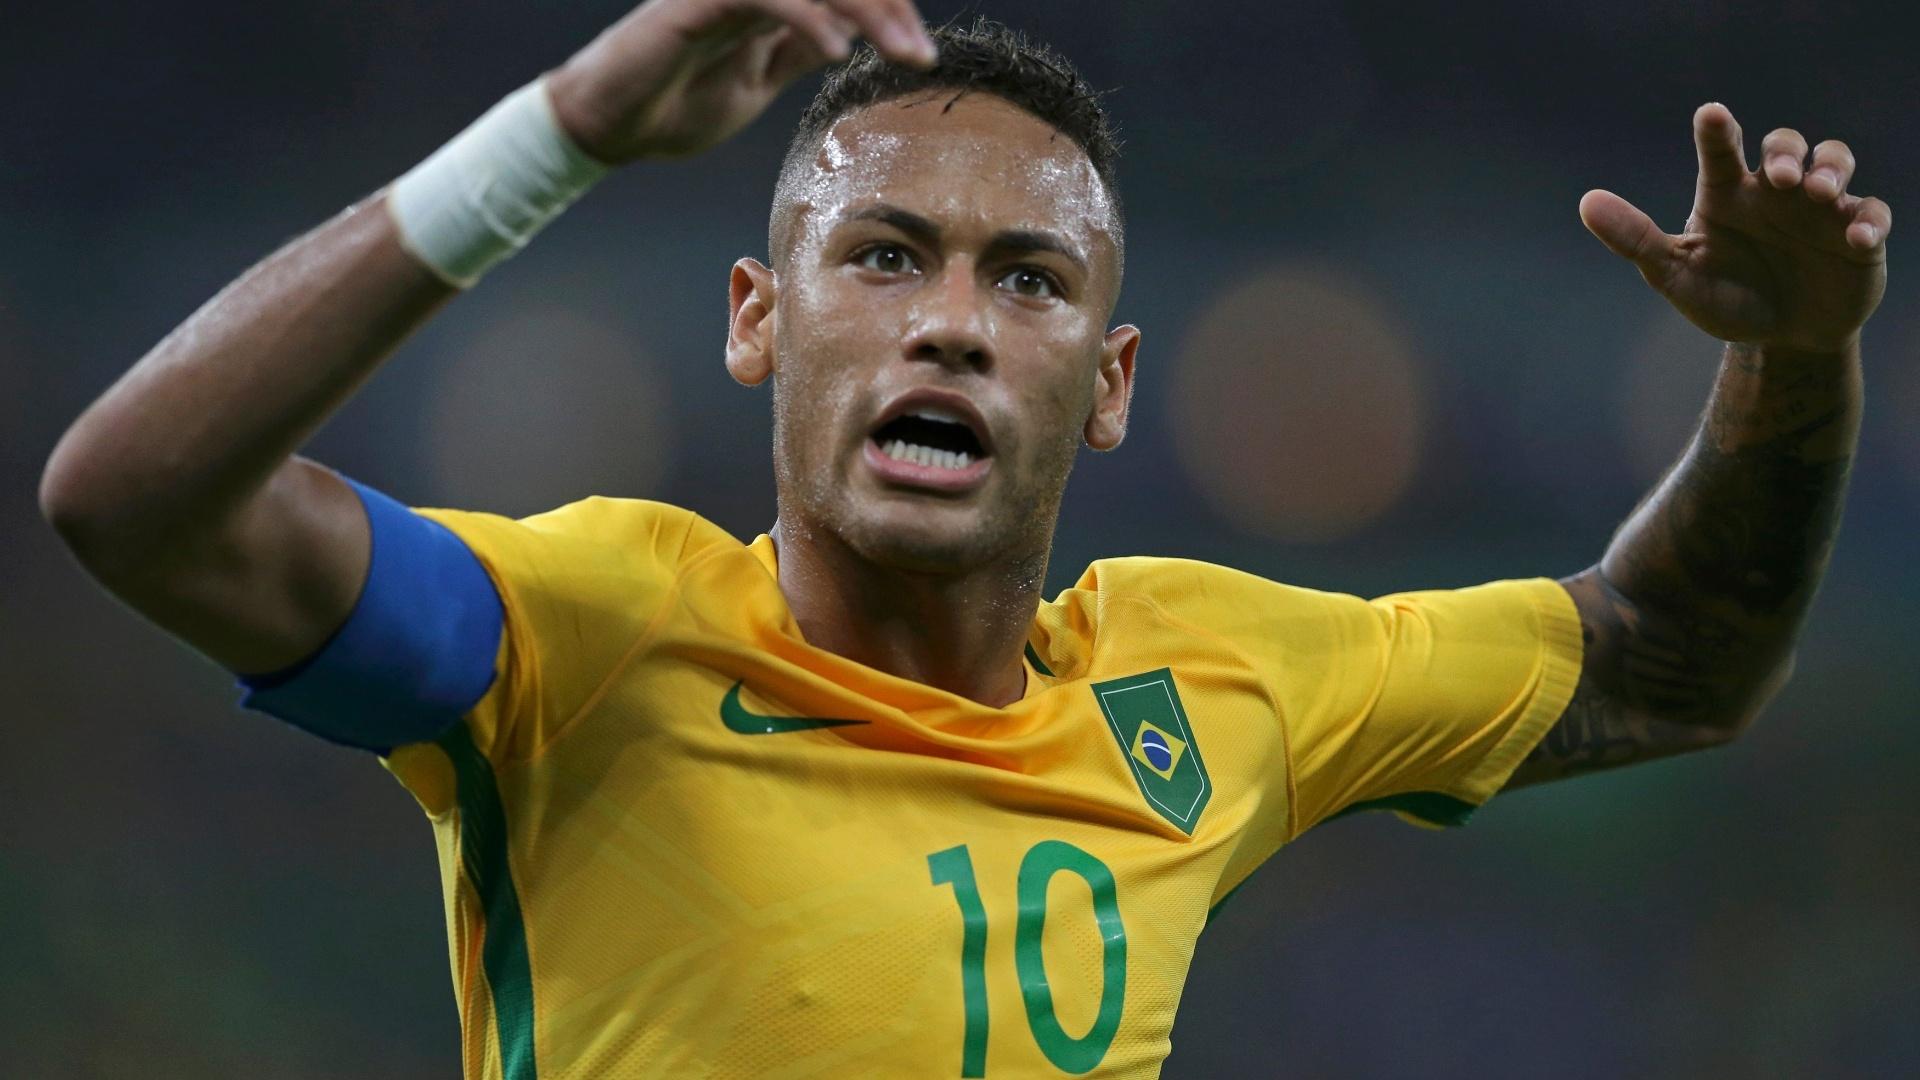 Neymar comemora primeiro gol na partida contra a Alemanha e incendeia torcida presente no Maracanã